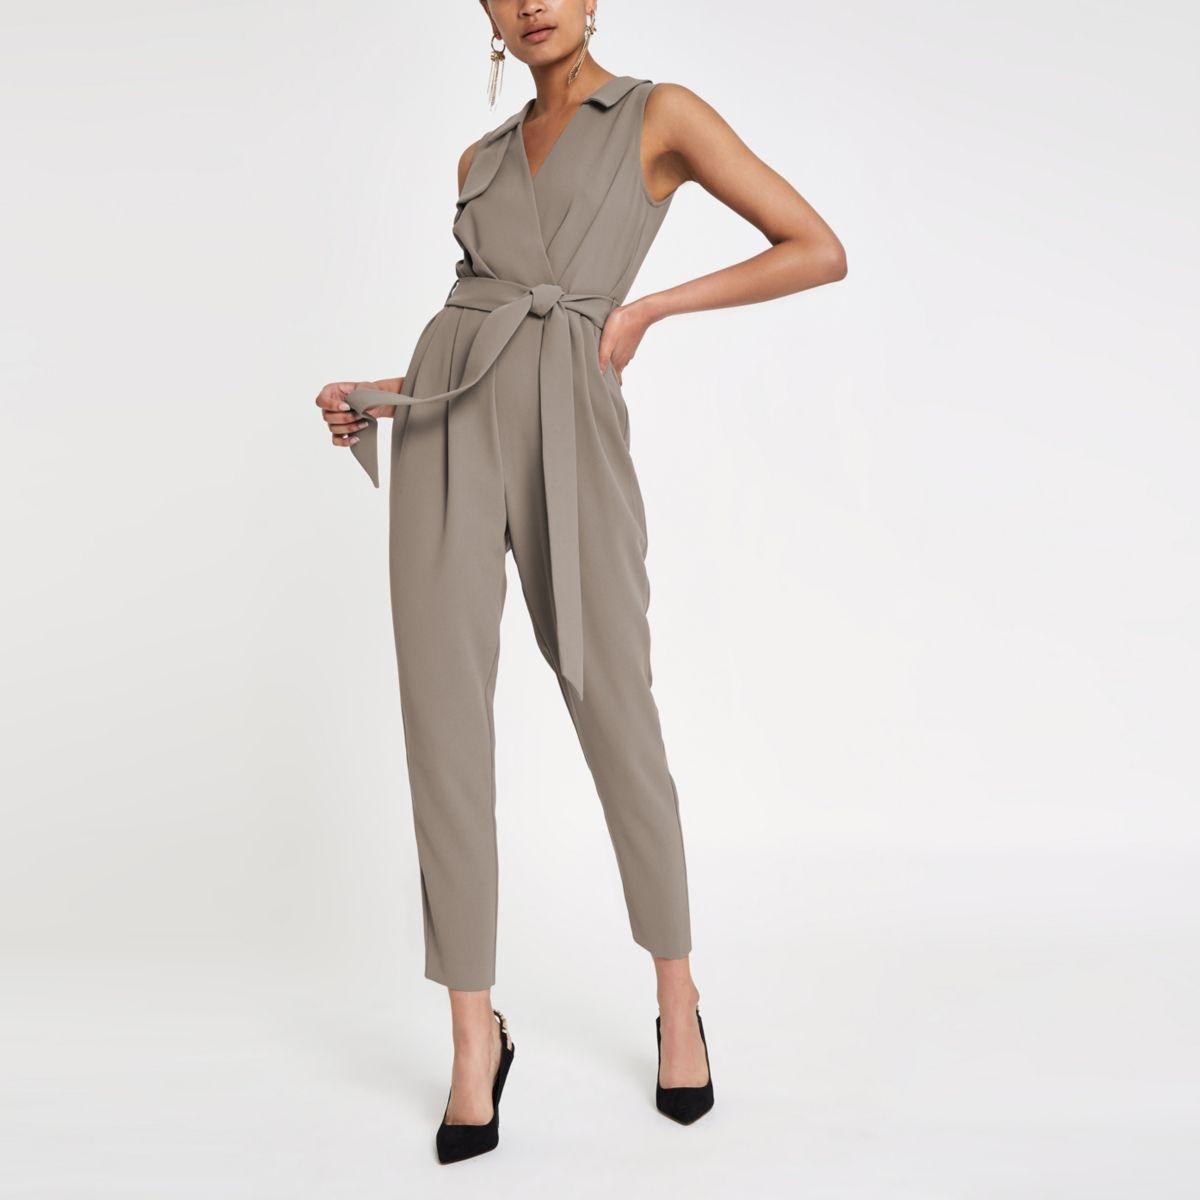 Grey sleeveless tailored jumpsuit